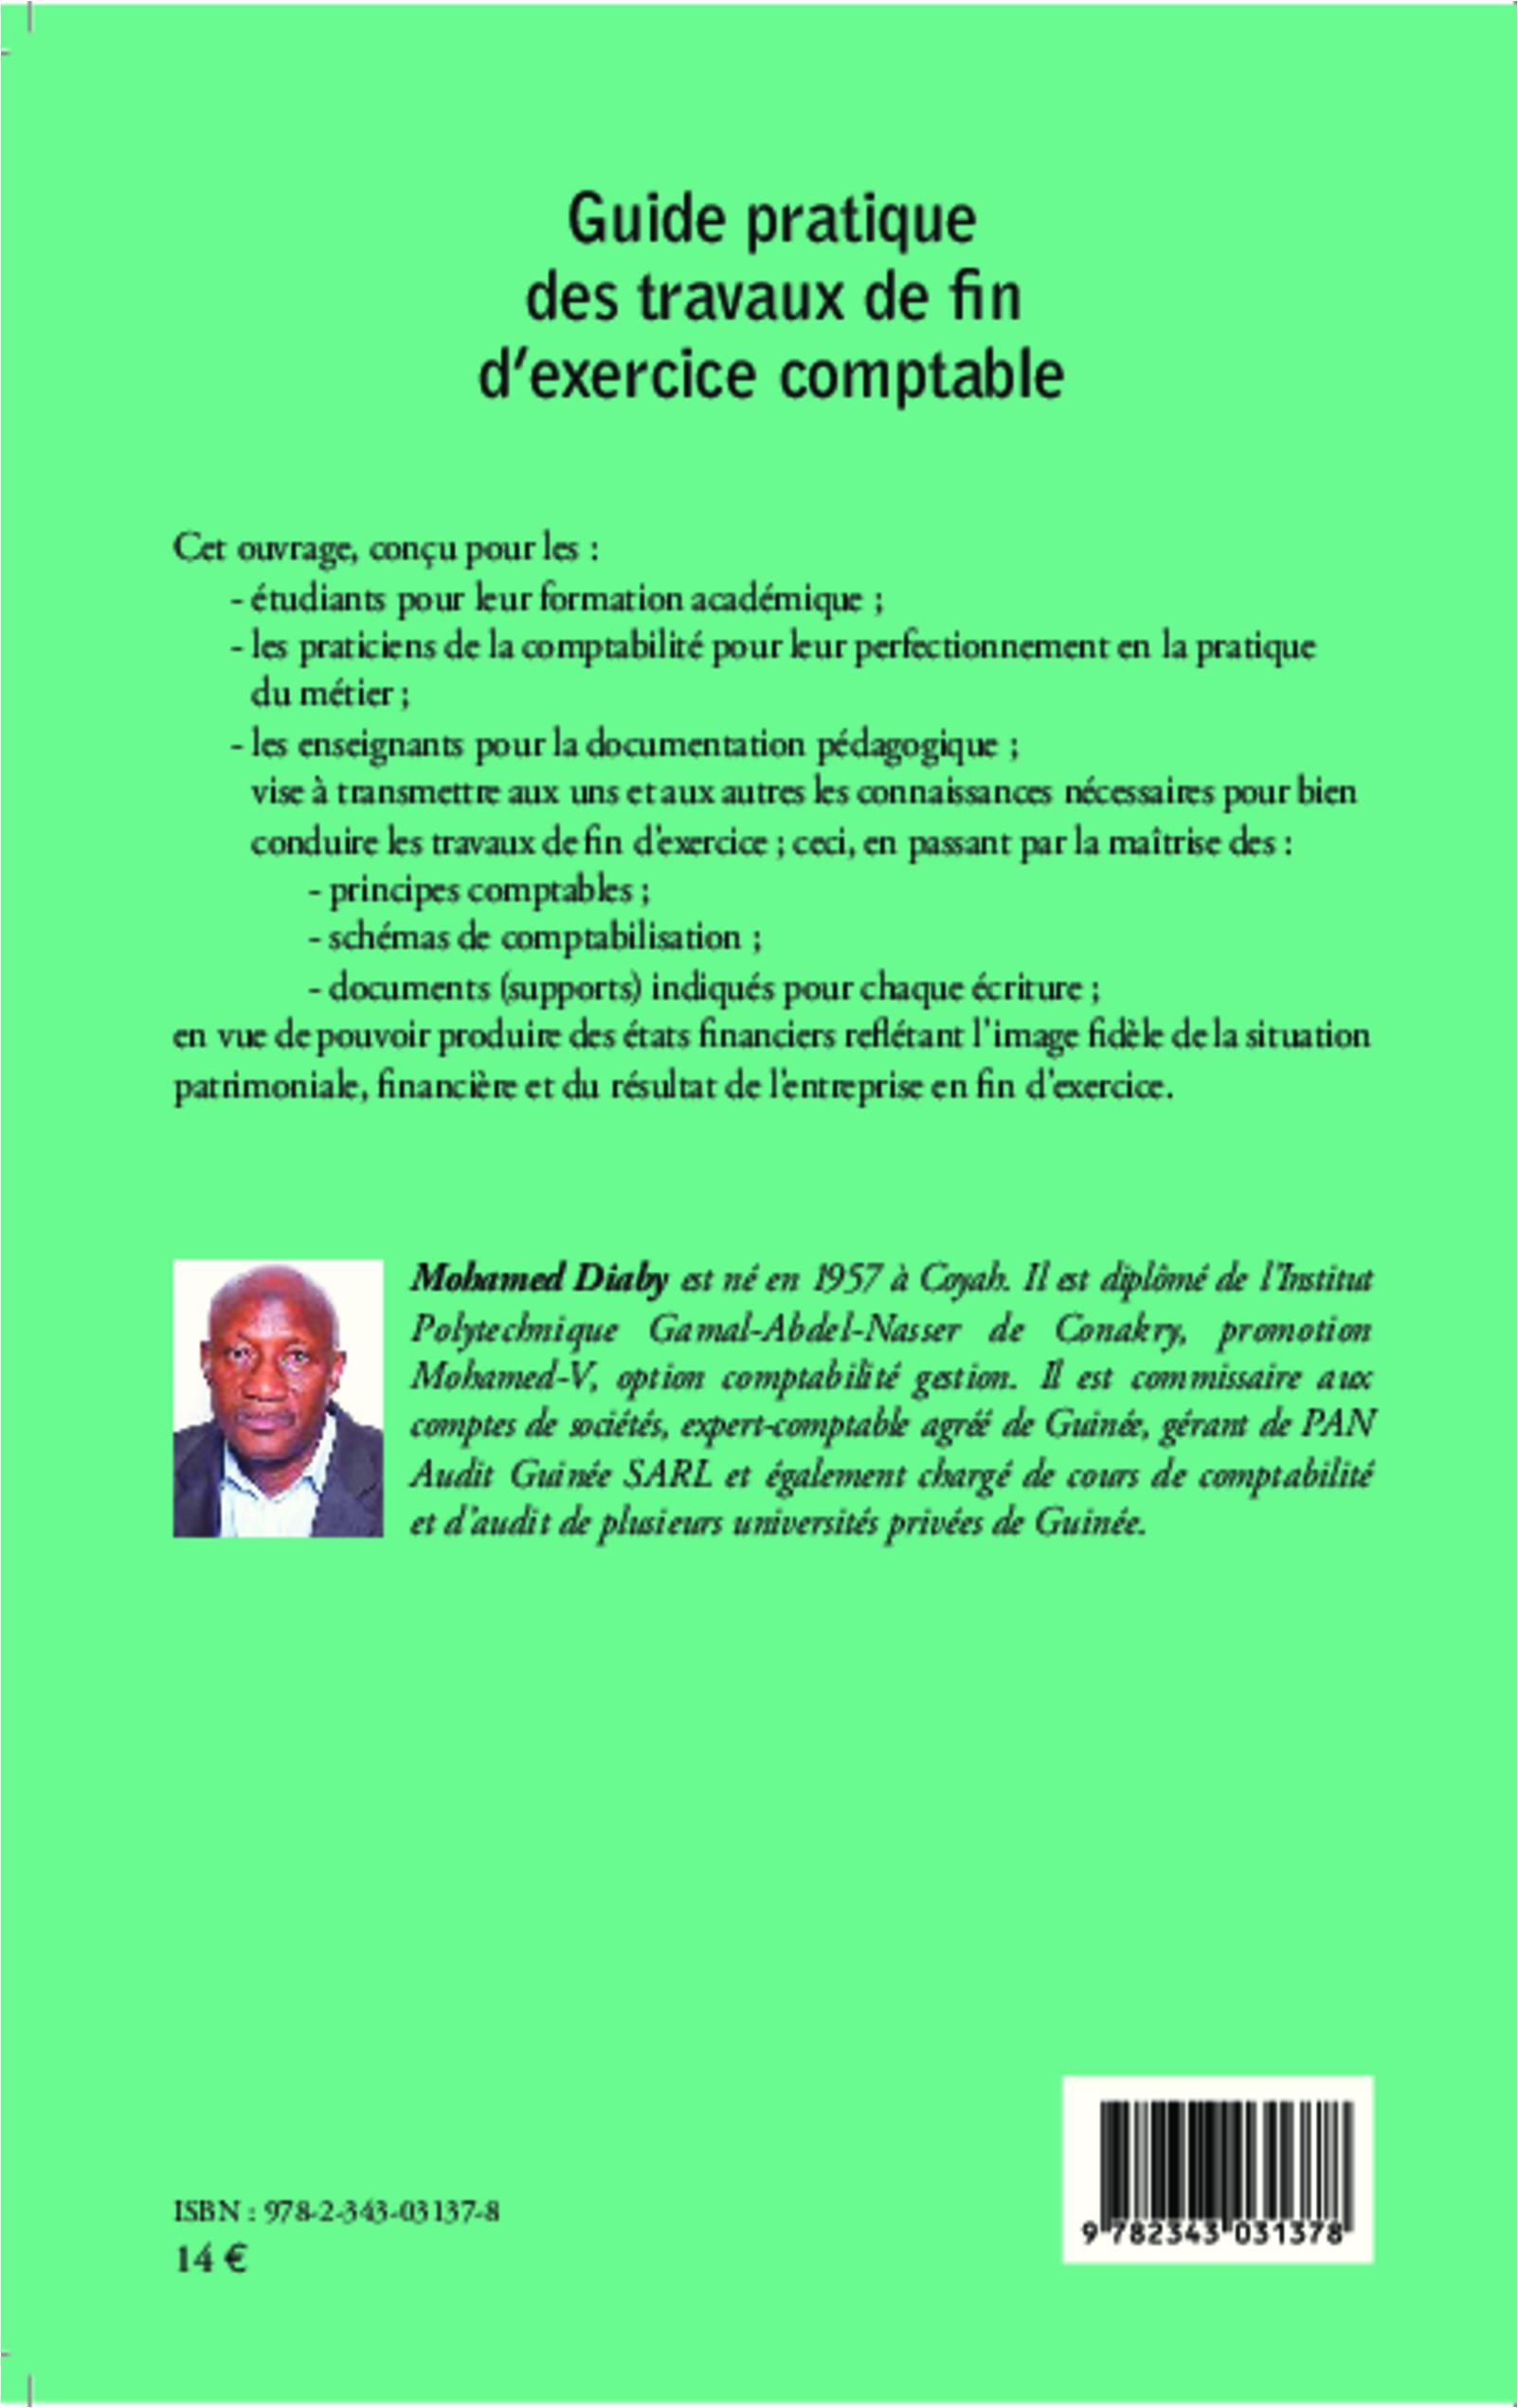 Guide Pratique Des Travaux De Fin D Exercice Comptable Mohamed Diaby Livre Ebook Epub